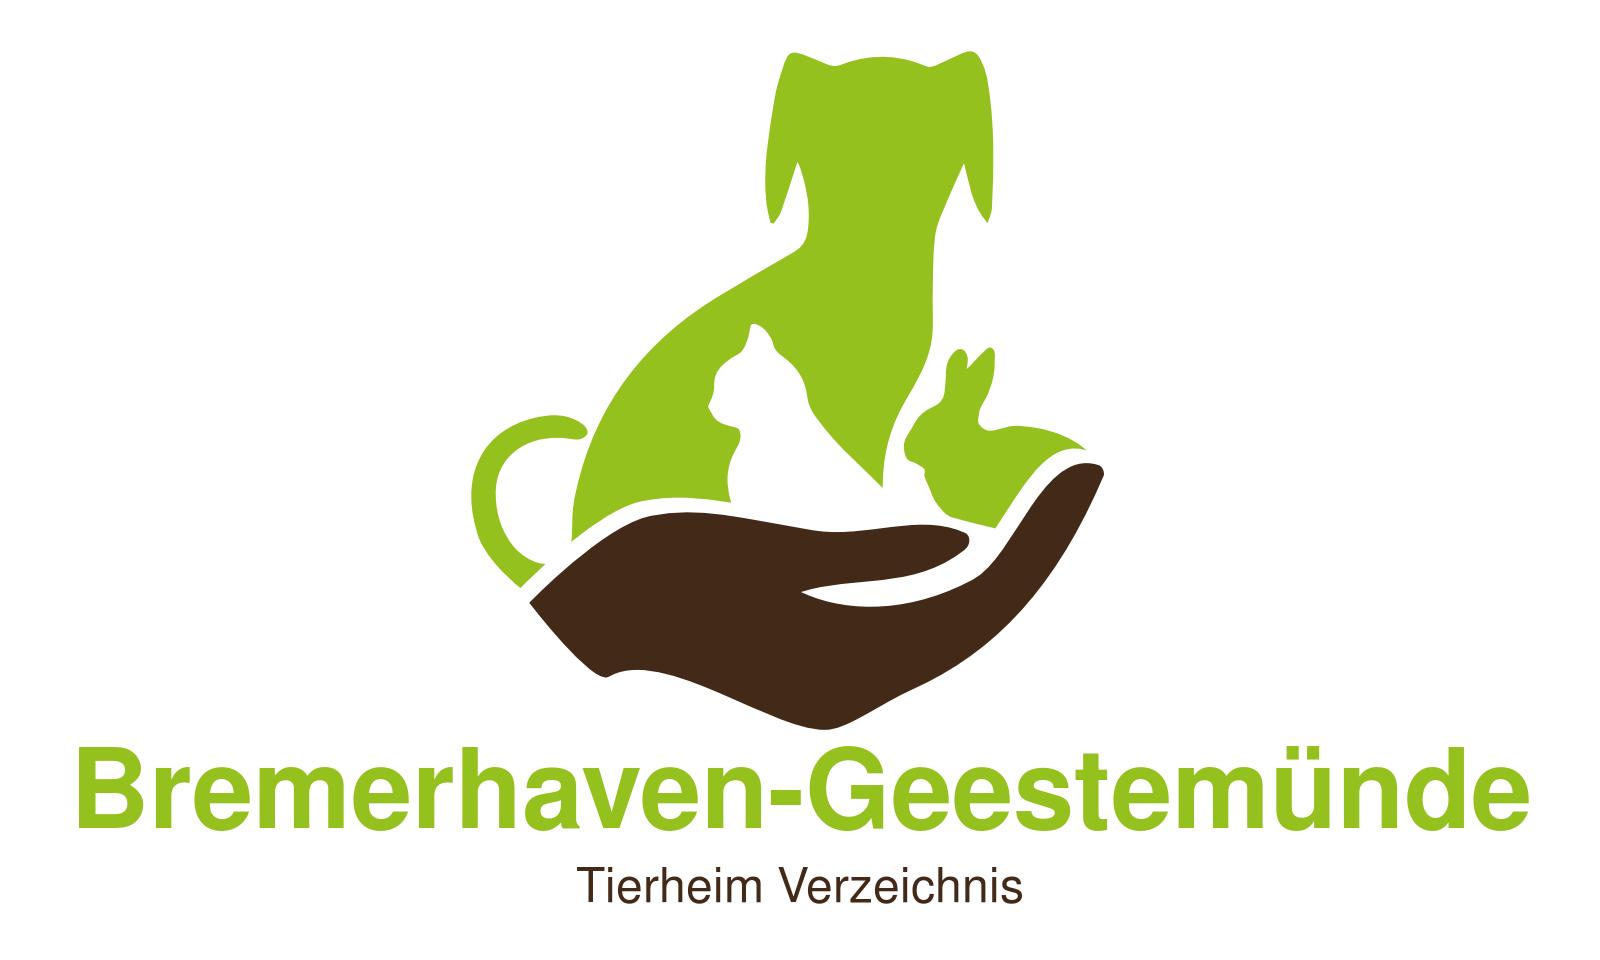 Tierheim Bremerhaven Geestemünde